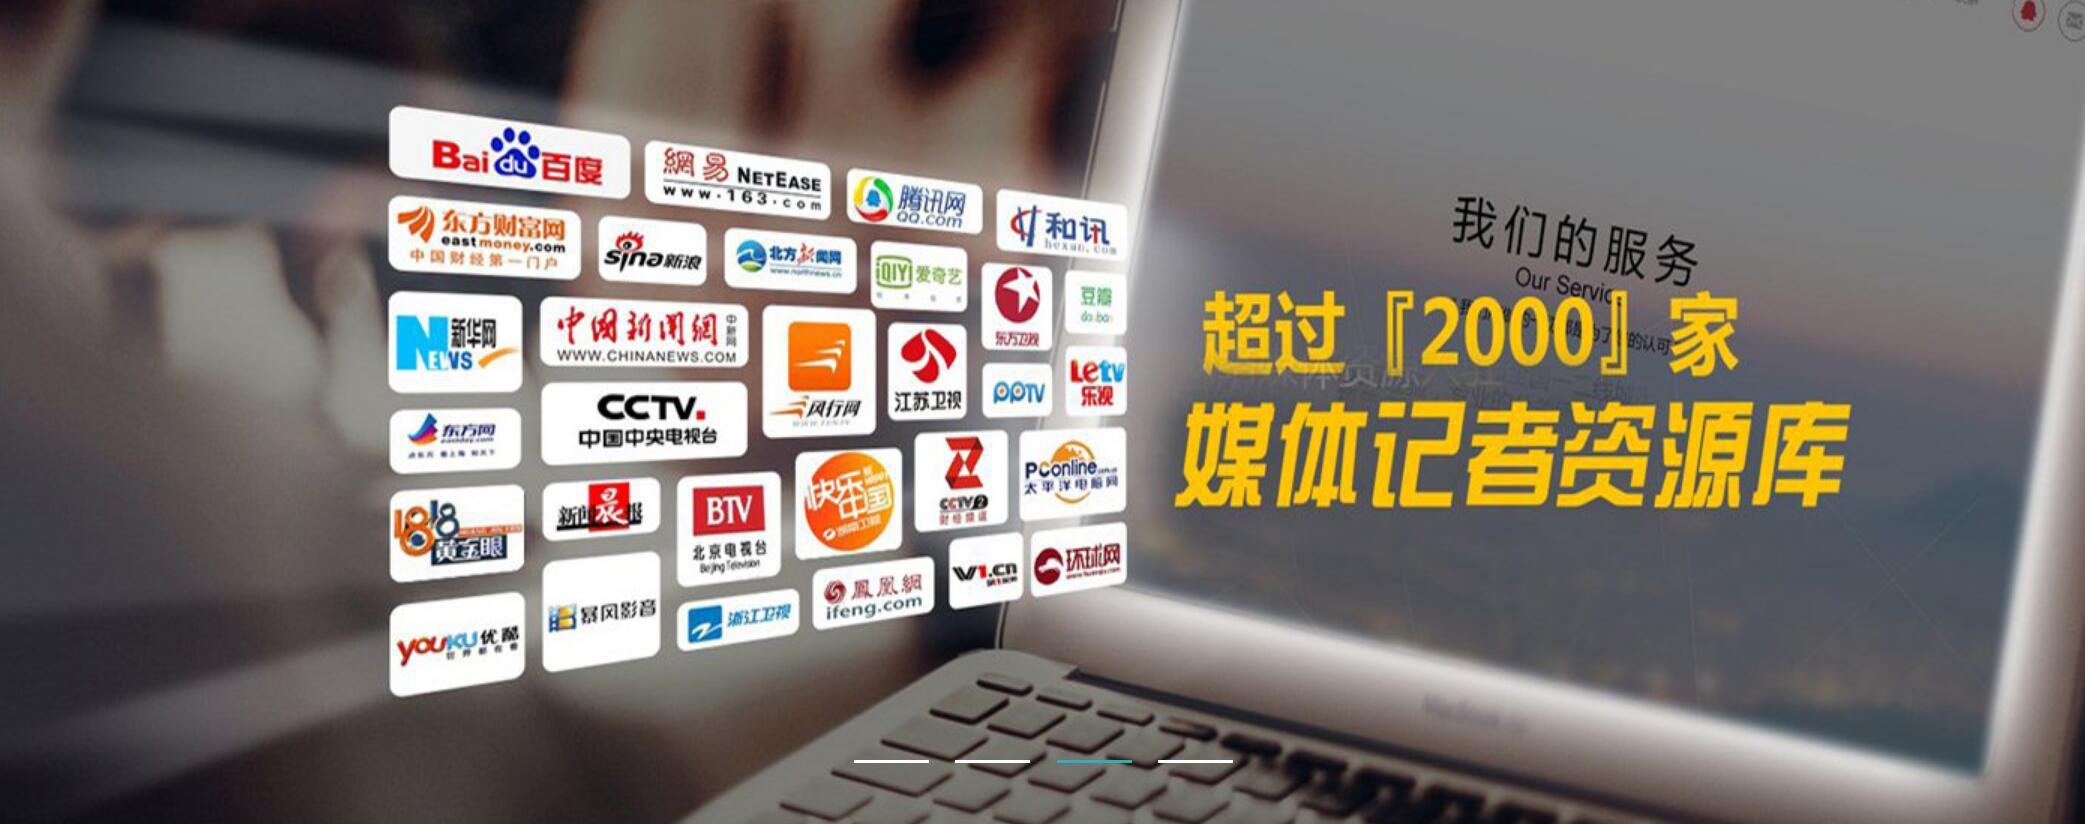 北京媒體邀約:主流媒體標準有哪些?